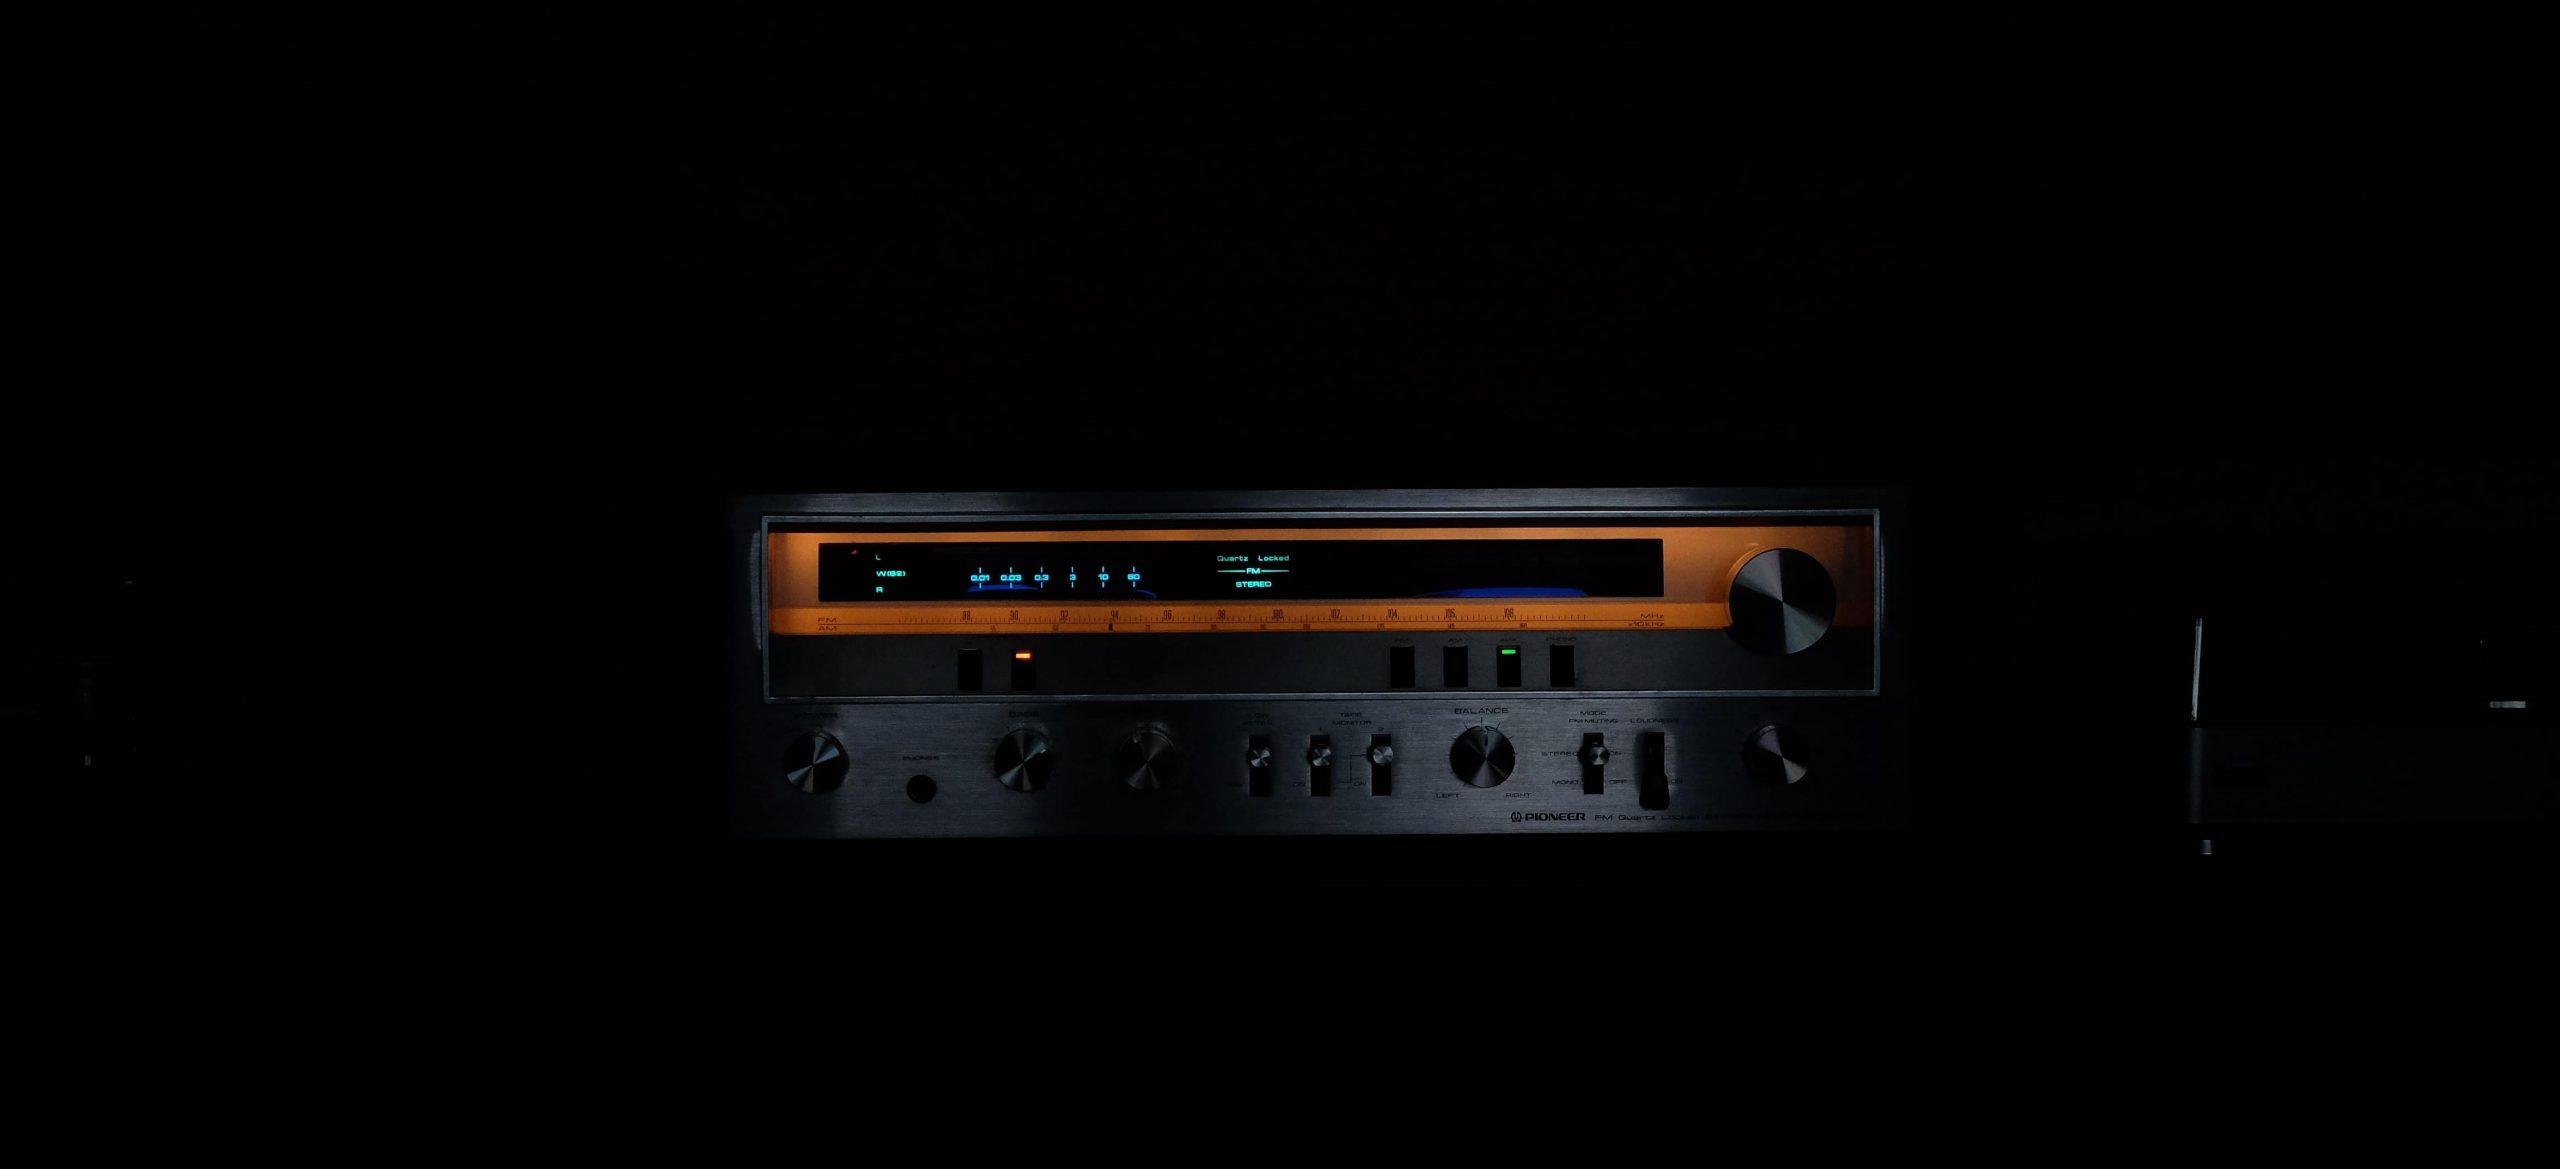 Imagem de receiver yamaha em fundo escuro.